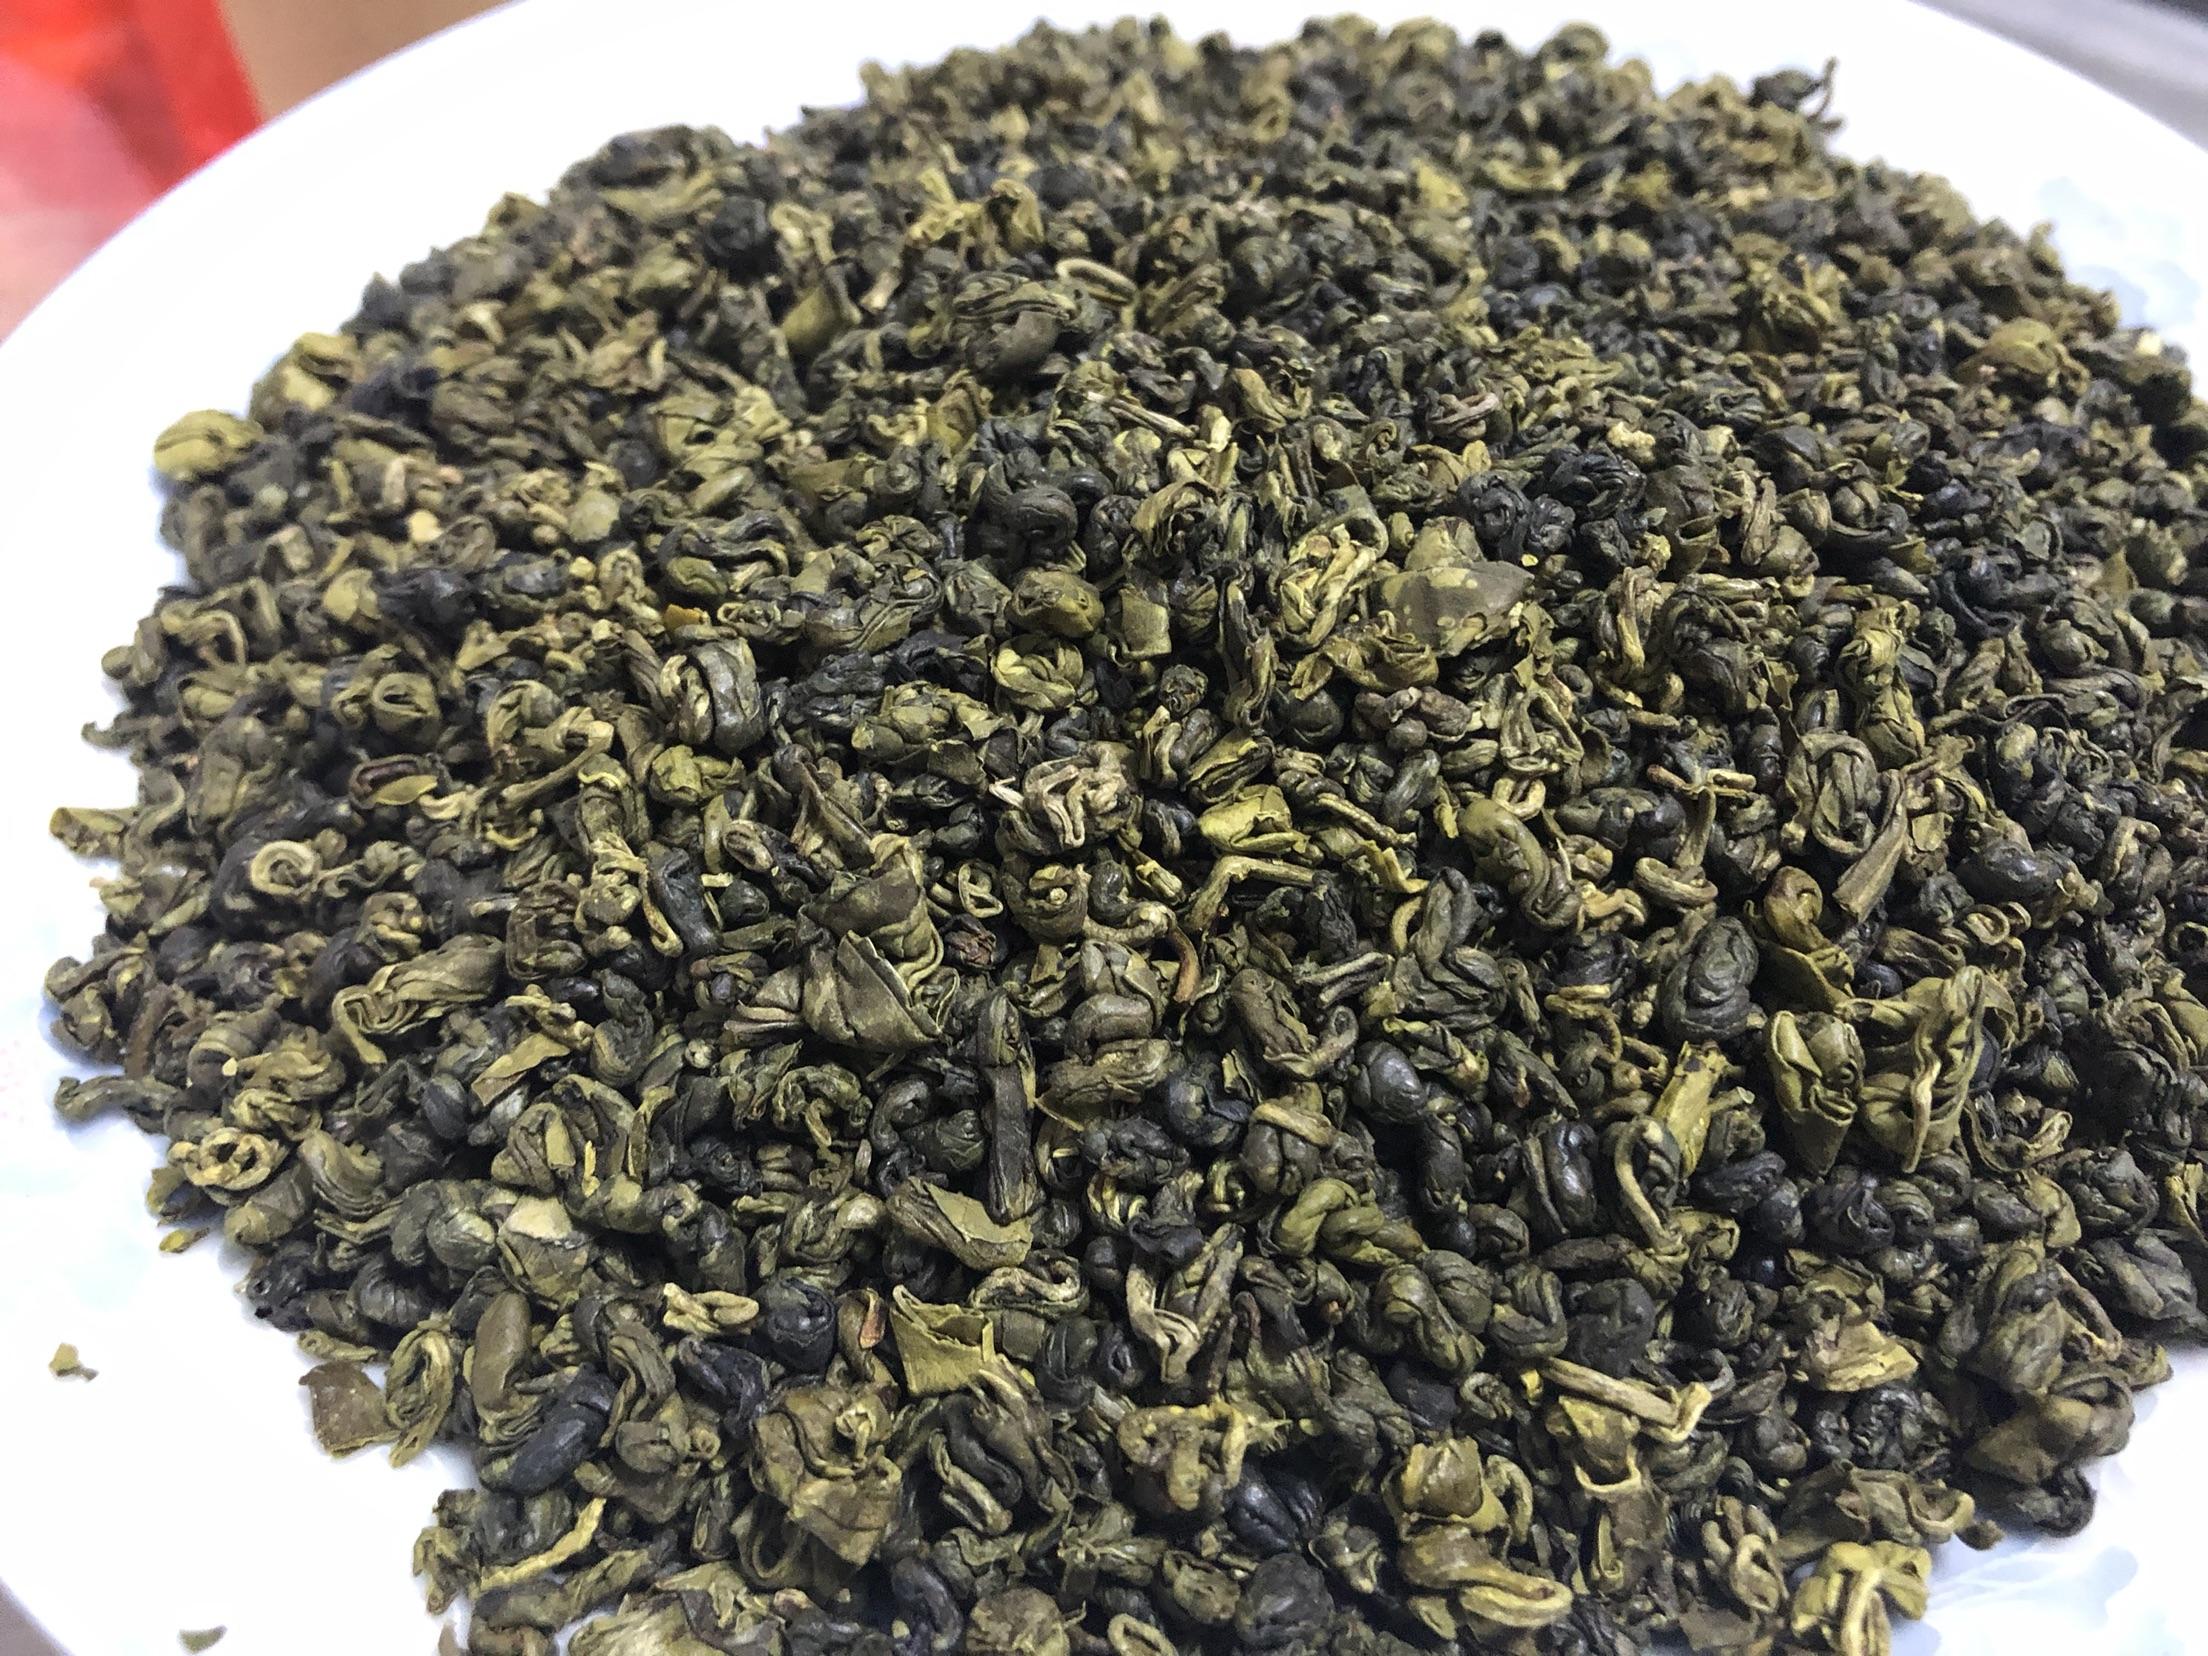 克半斤散装烘青其它绿茶碧螺春 250g 广西昭平高山野生石崖搽单罐